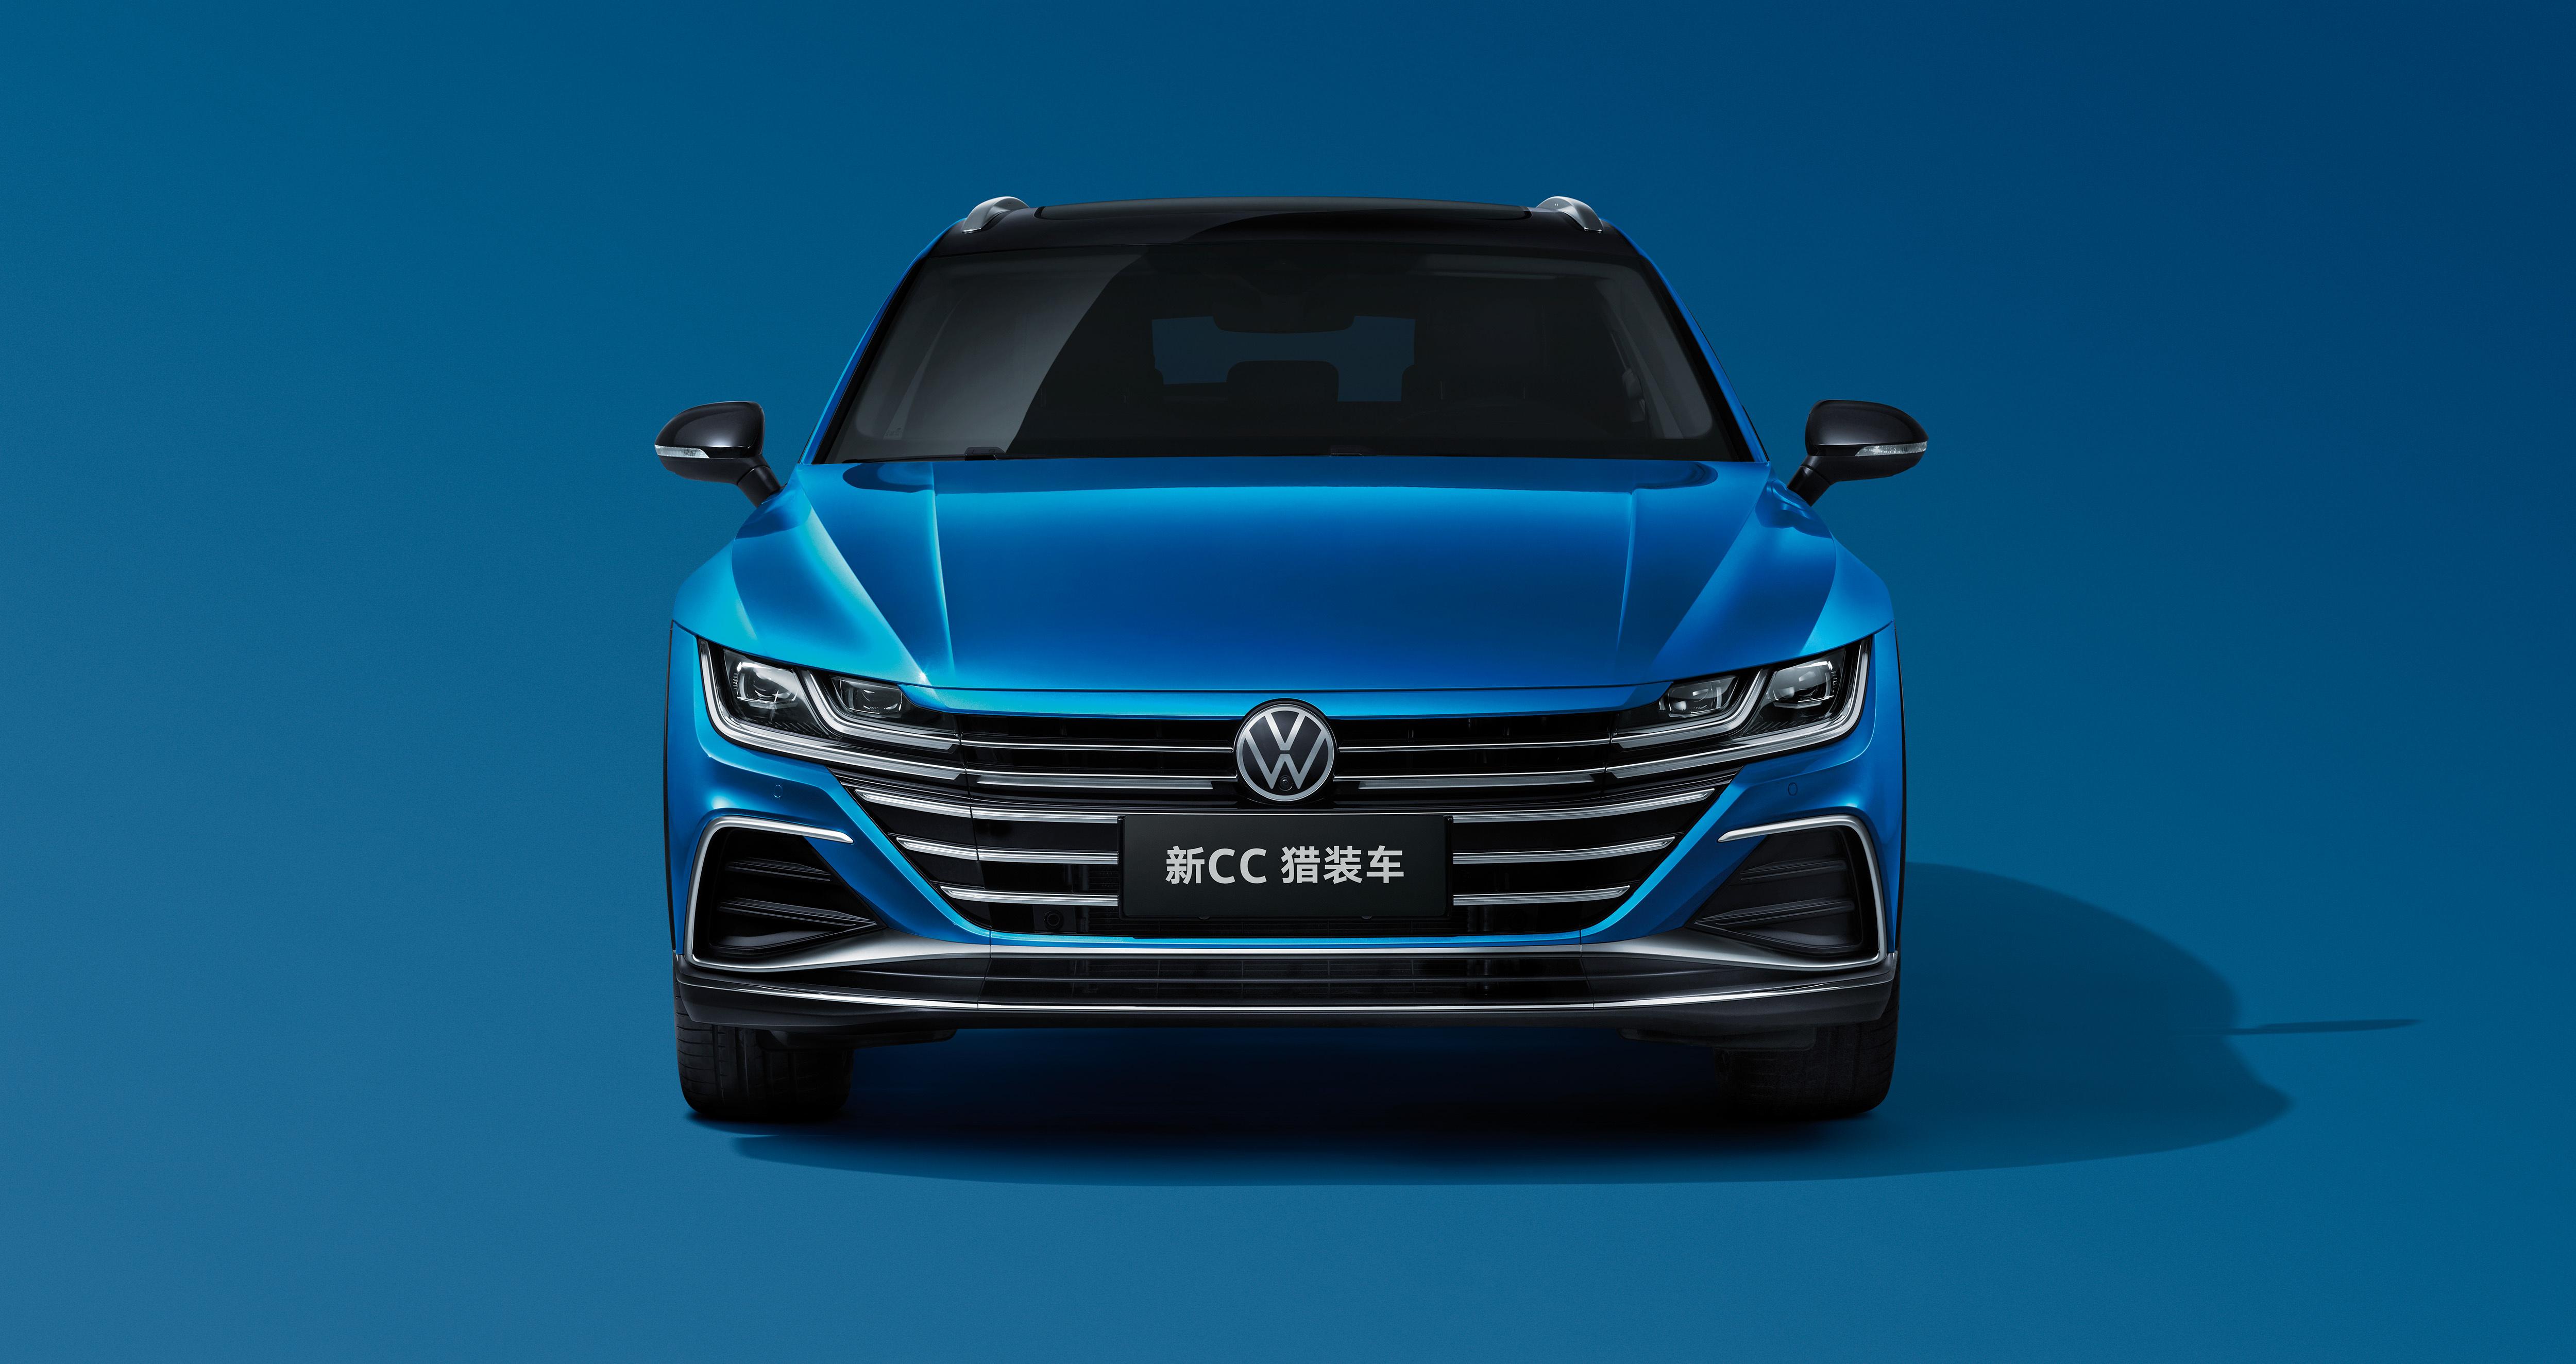 Картинка Фольксваген Универсал CC Shooting Brake 380 TSI, China, 2020 синие авто Спереди Металлик Цветной фон 5000x2647 Volkswagen синяя Синий синих машина машины Автомобили автомобиль